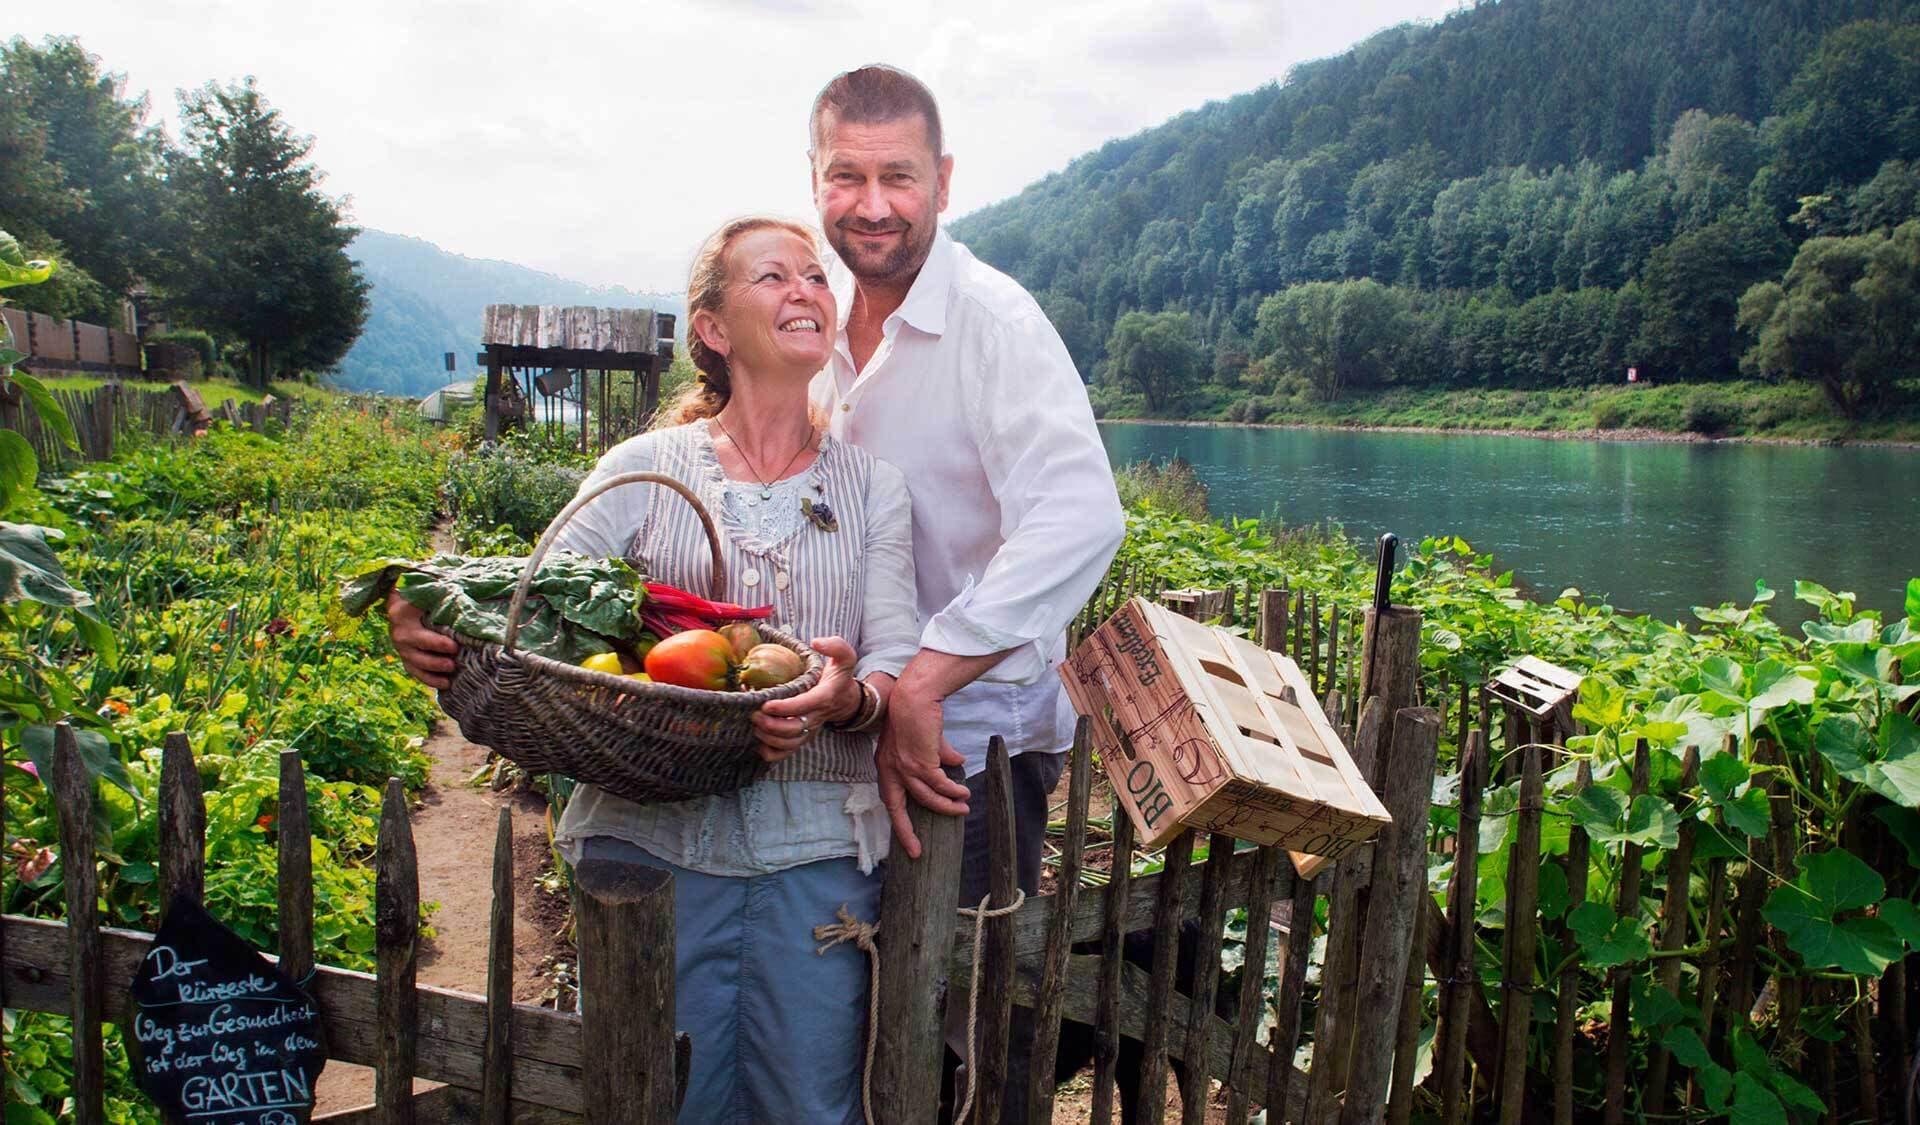 Familie Hitzer steht mit Gemüsekorb vor dem Kräutergarten